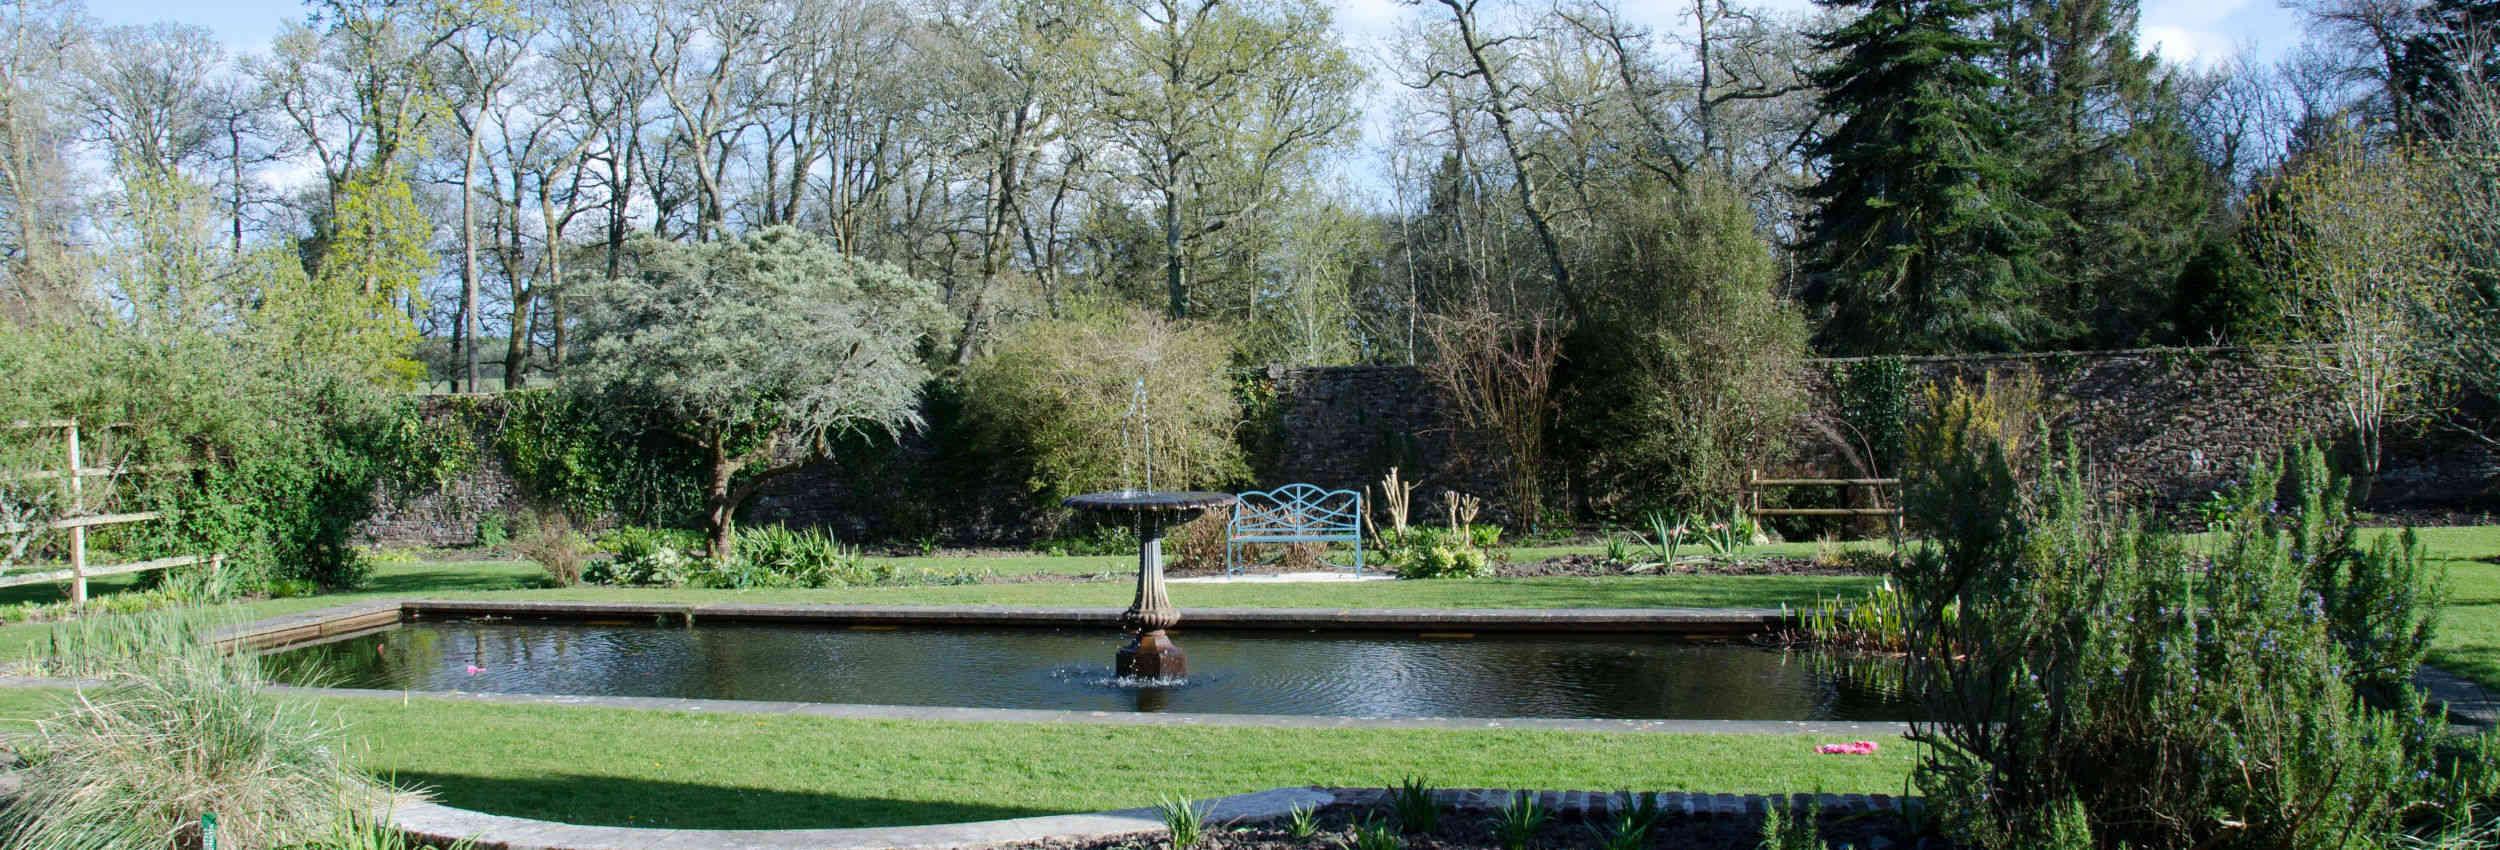 walled-garden-banner-08